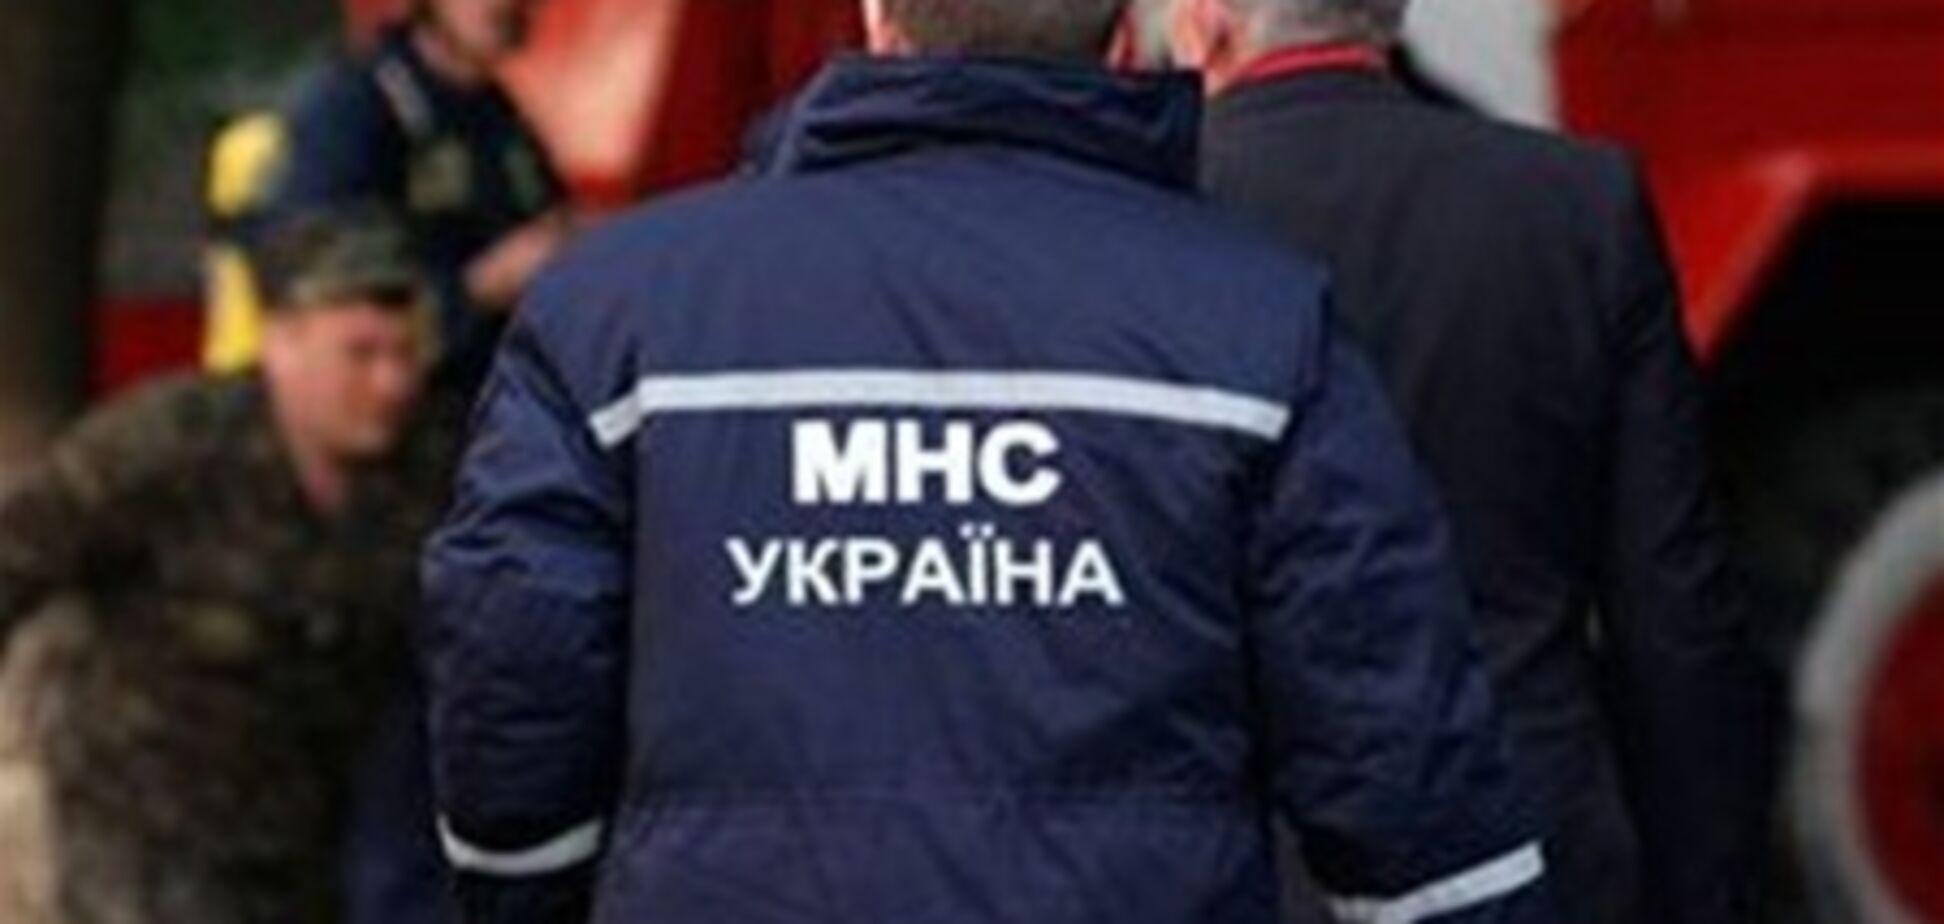 В жилом доме Киева произошел взрыв газа, есть пострадавшие